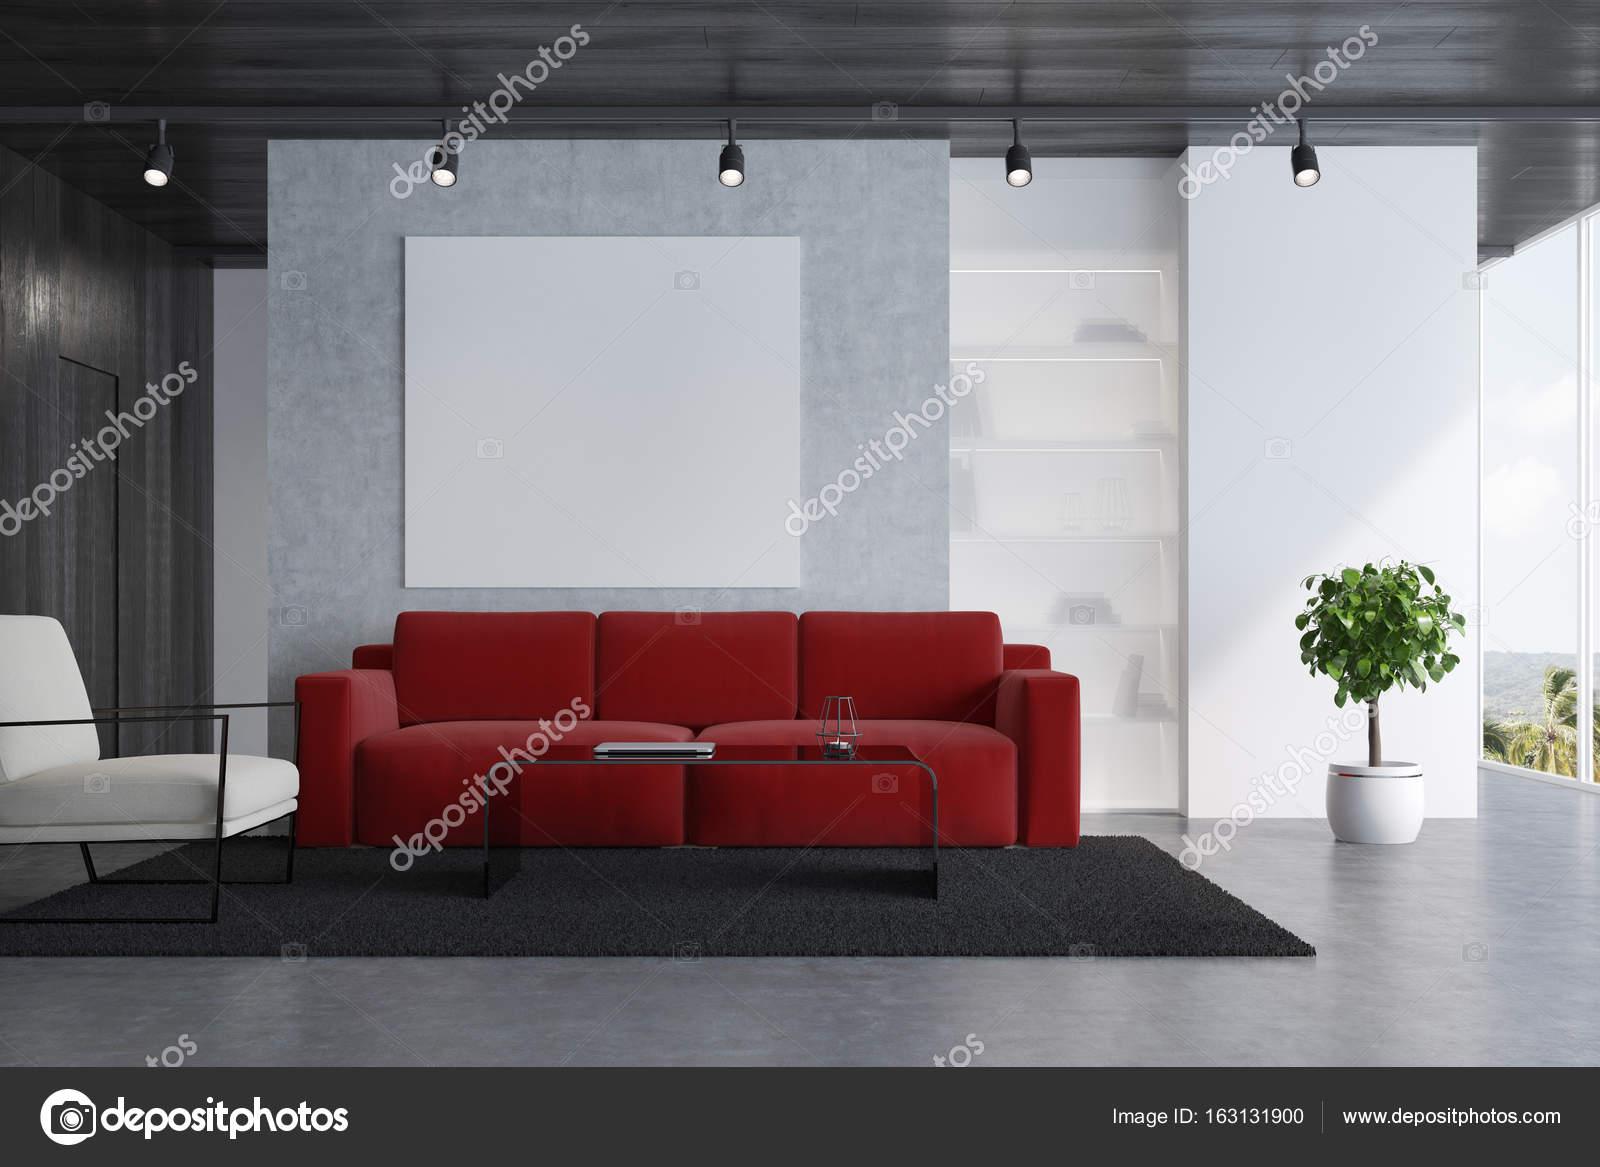 Béton Salon Intérieur Avec Un Canapé Rouge, Un Fauteuil Blanc, Une Affiche  De Carrés, Une Table Basse Moderne Et Un Tapis. Rendu 3D Maquette U2014 Image  De ...